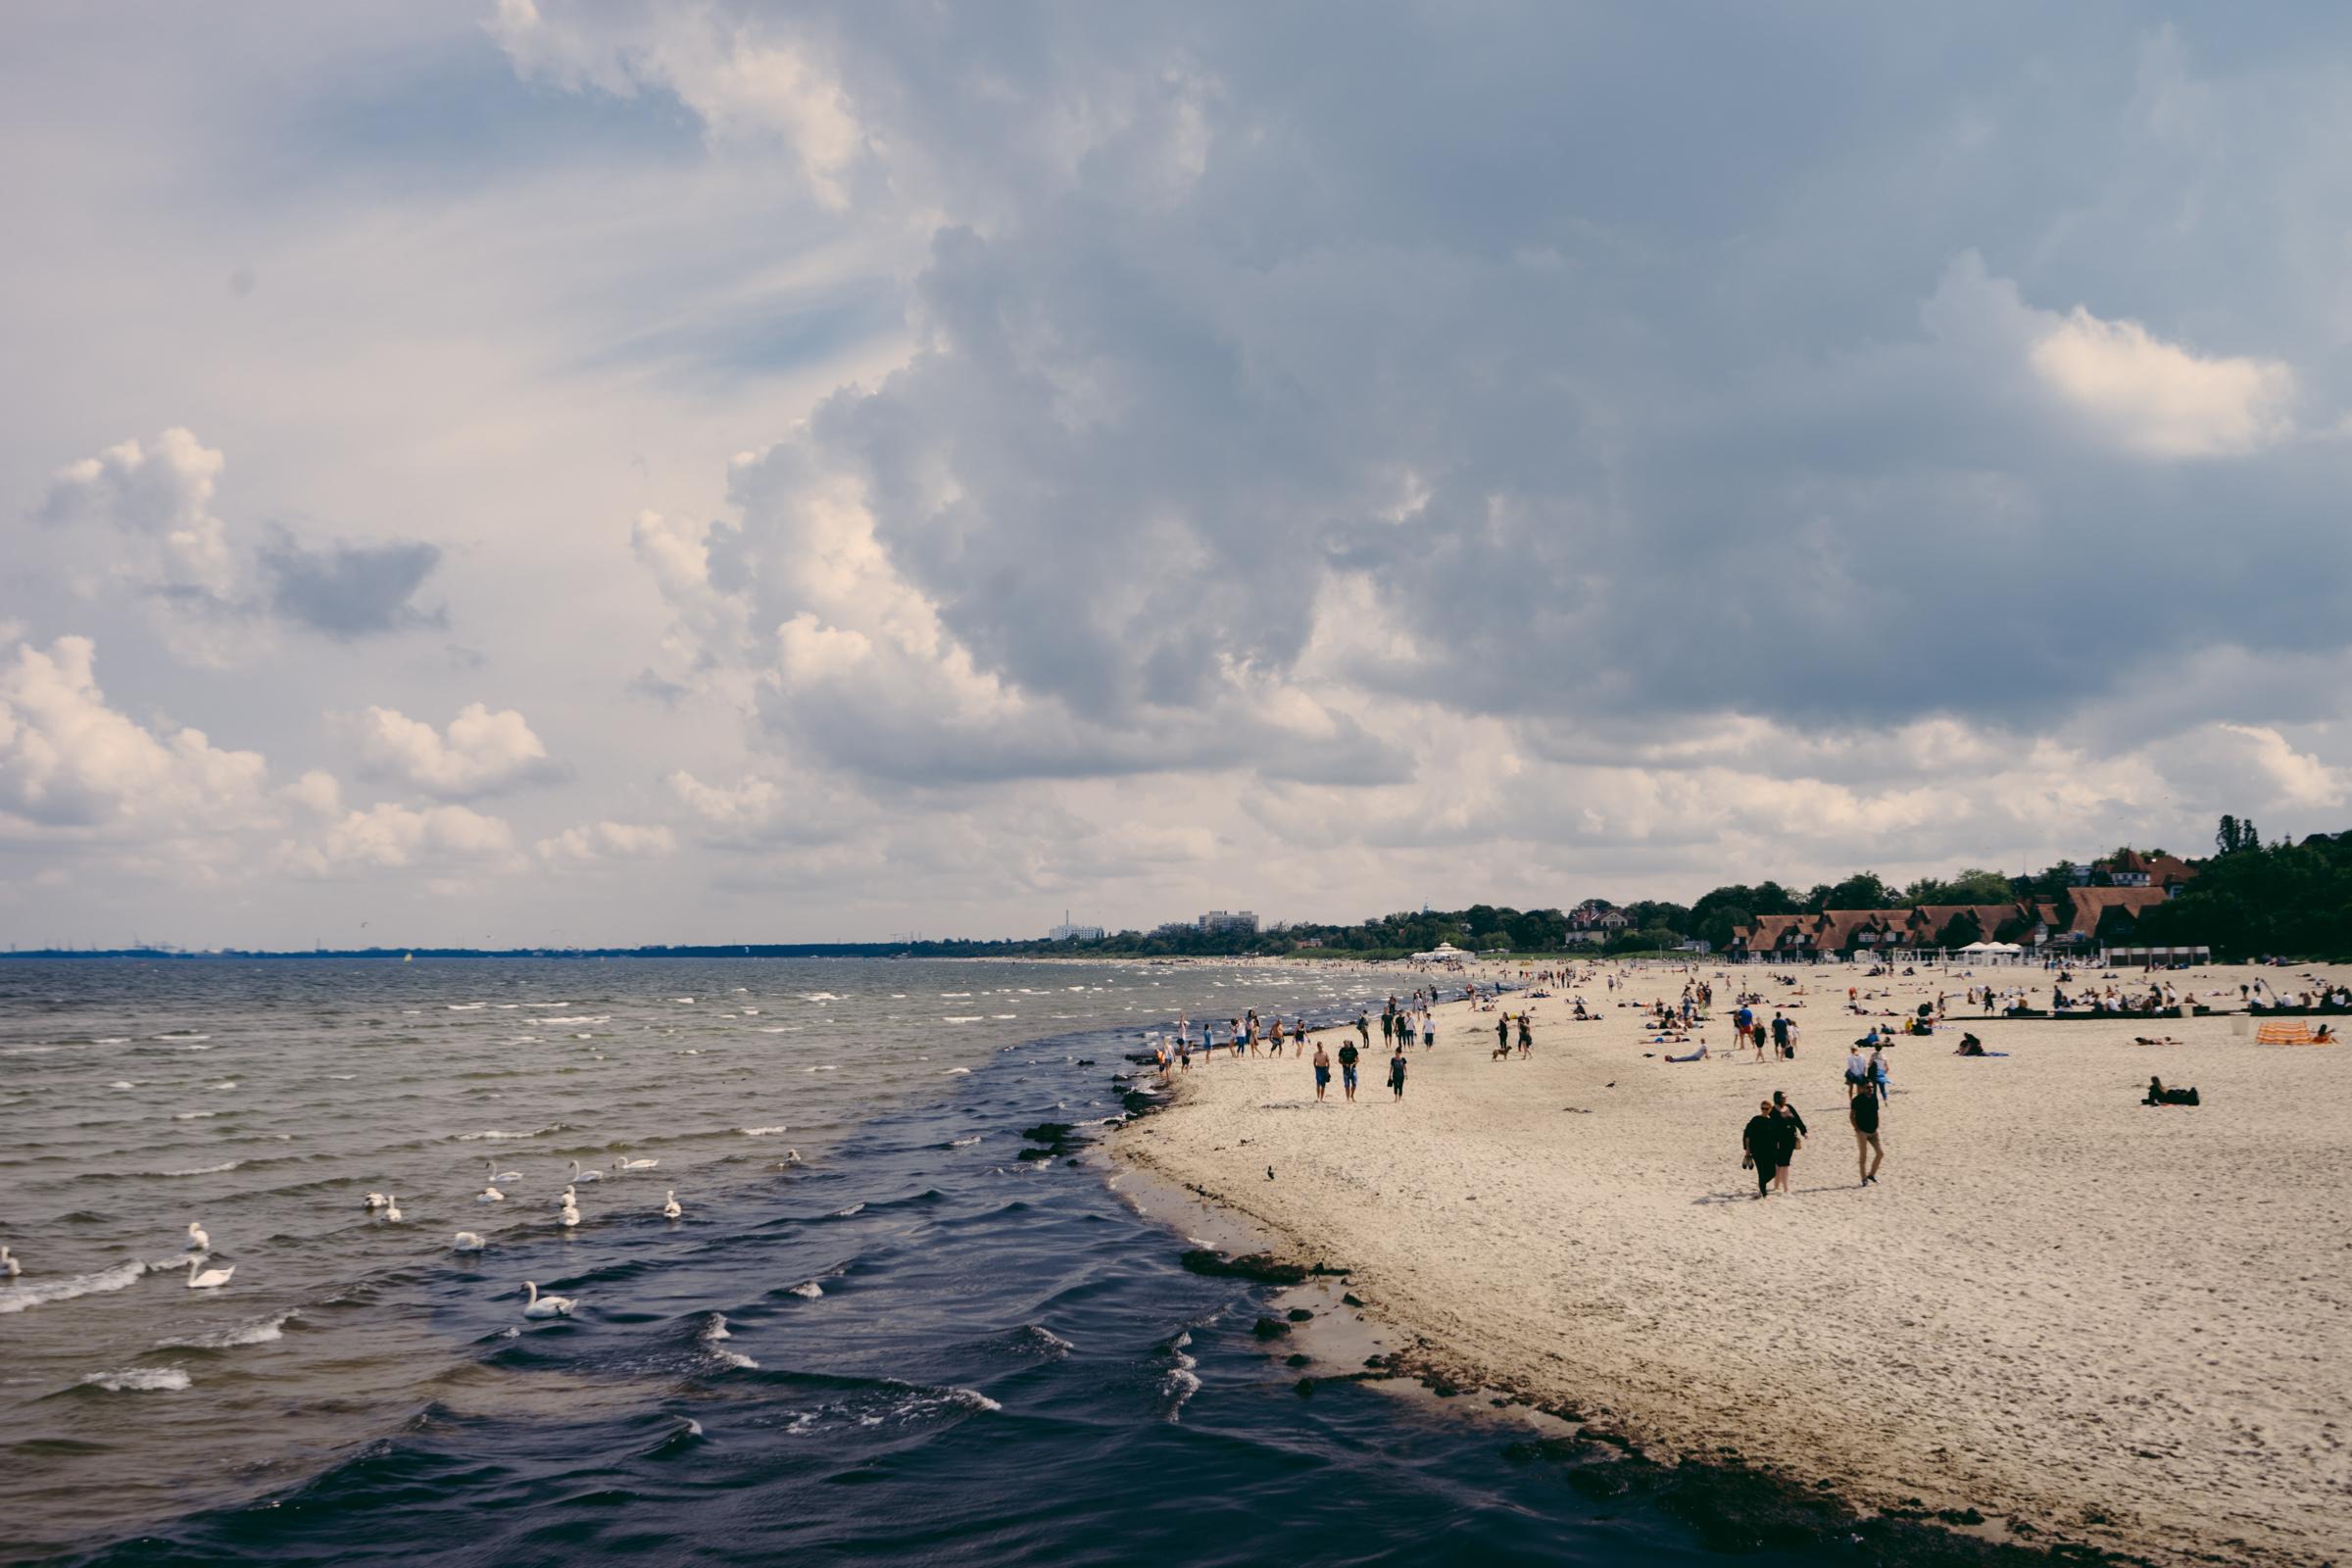 Vue sur la plage de Sopot - Pologne